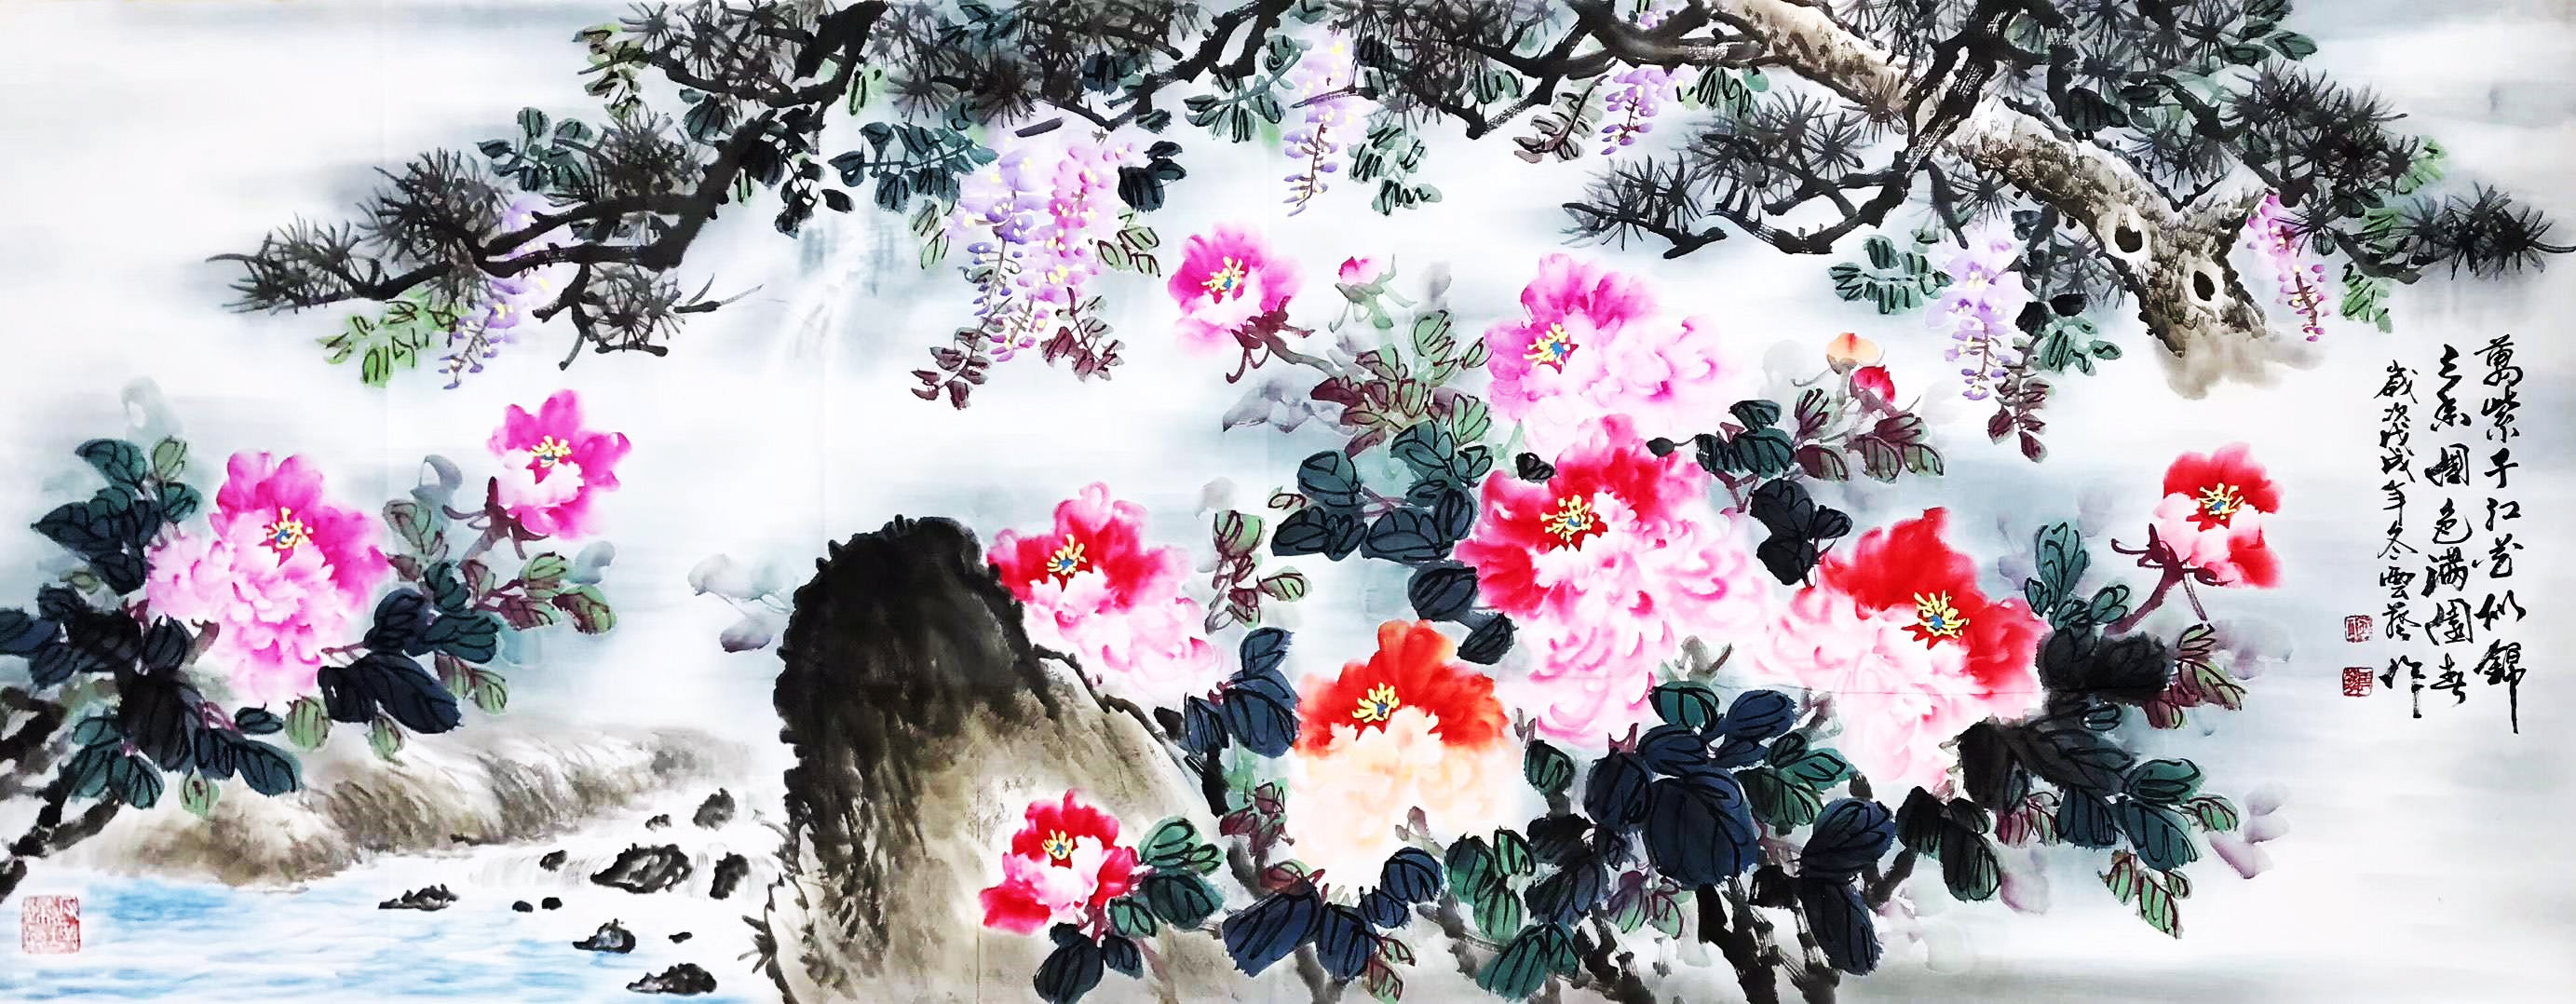 国画花鸟画《万紫千红》